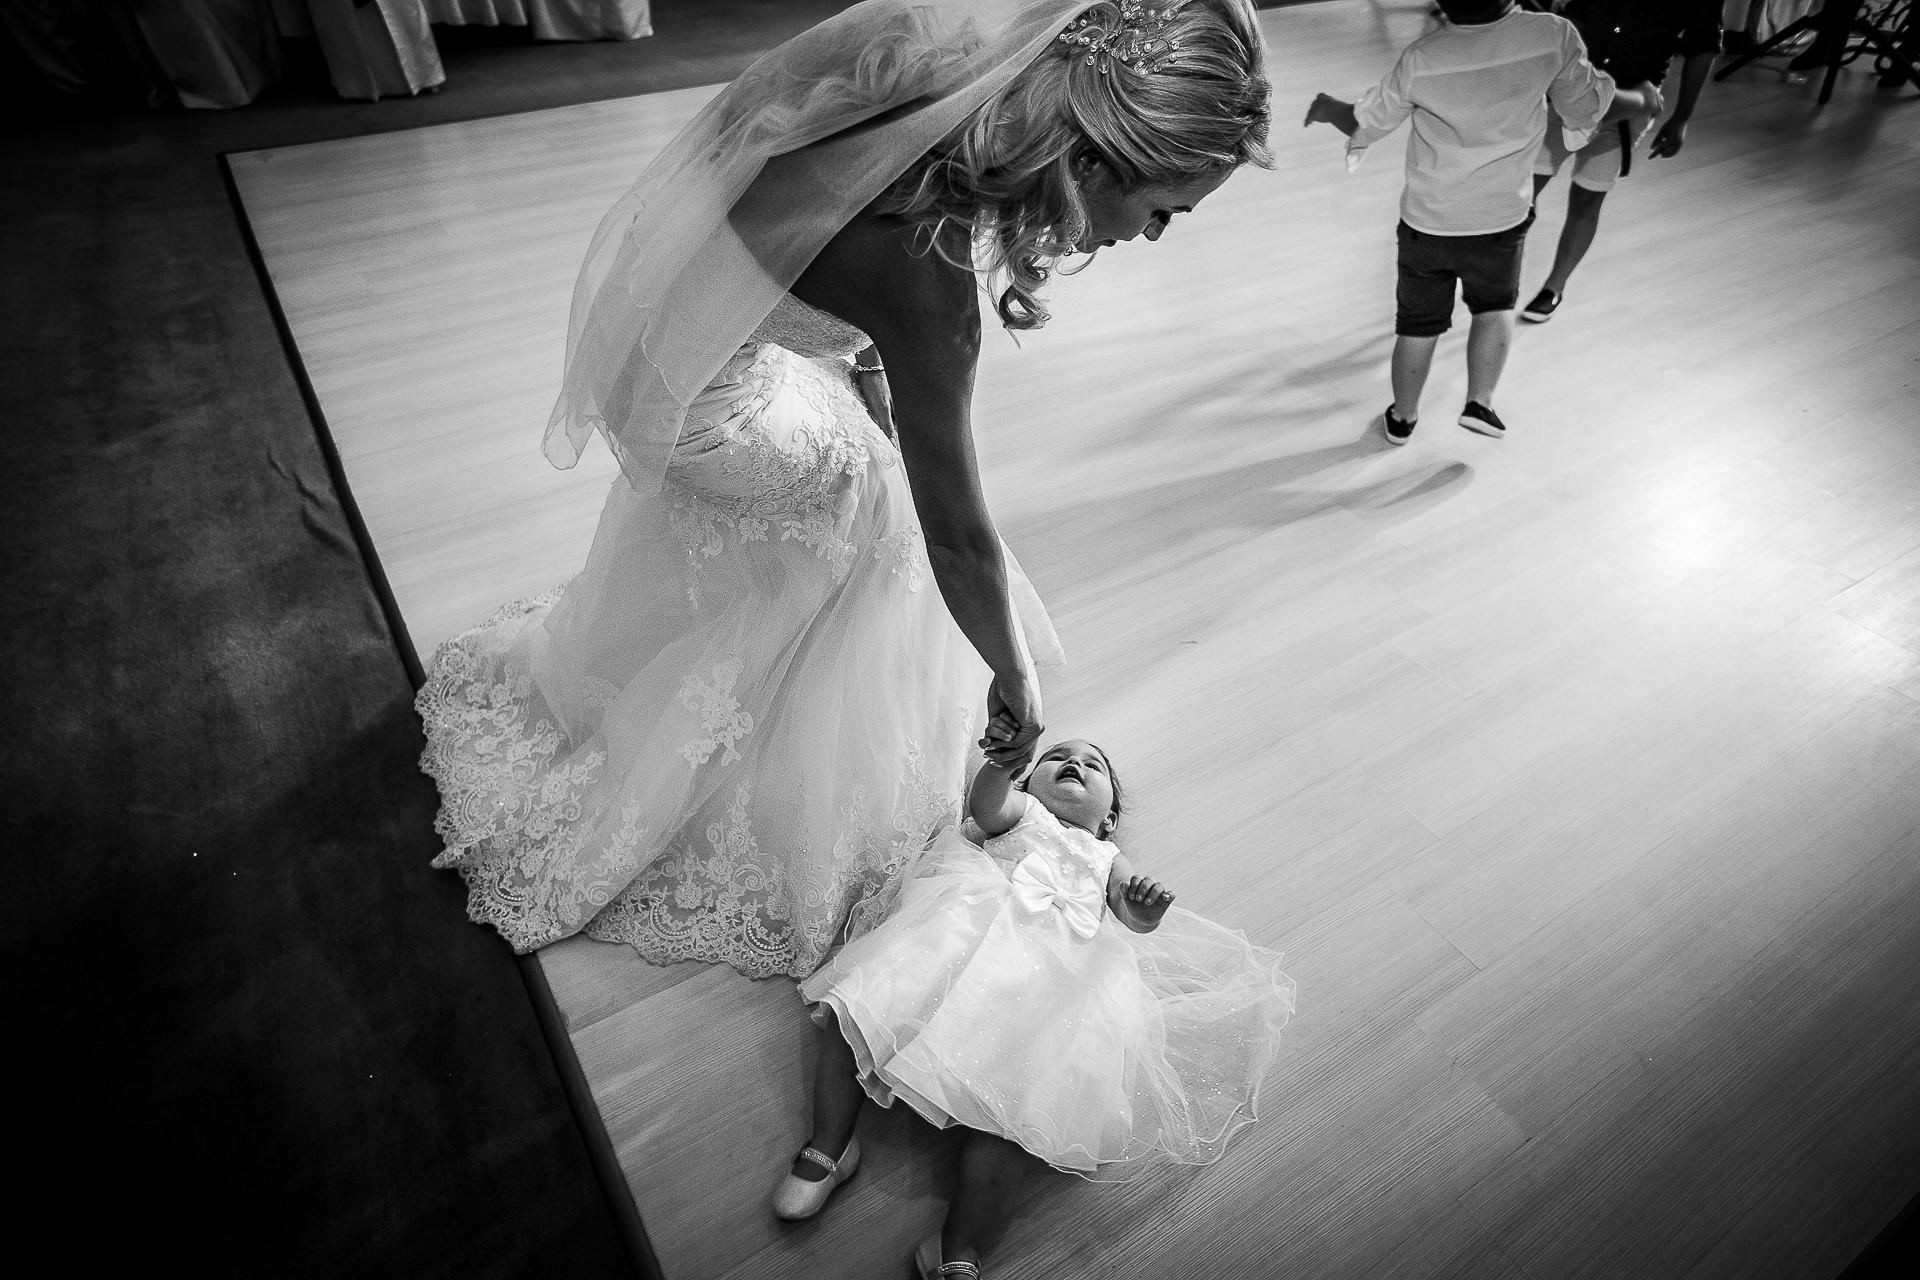 Fotograf nuntă Bucureşti - Biserica Militara Sfântul Mina + Metropolitan Club and Events - Marinela şi Pasquale - Mihai Zaharia Photography - 46